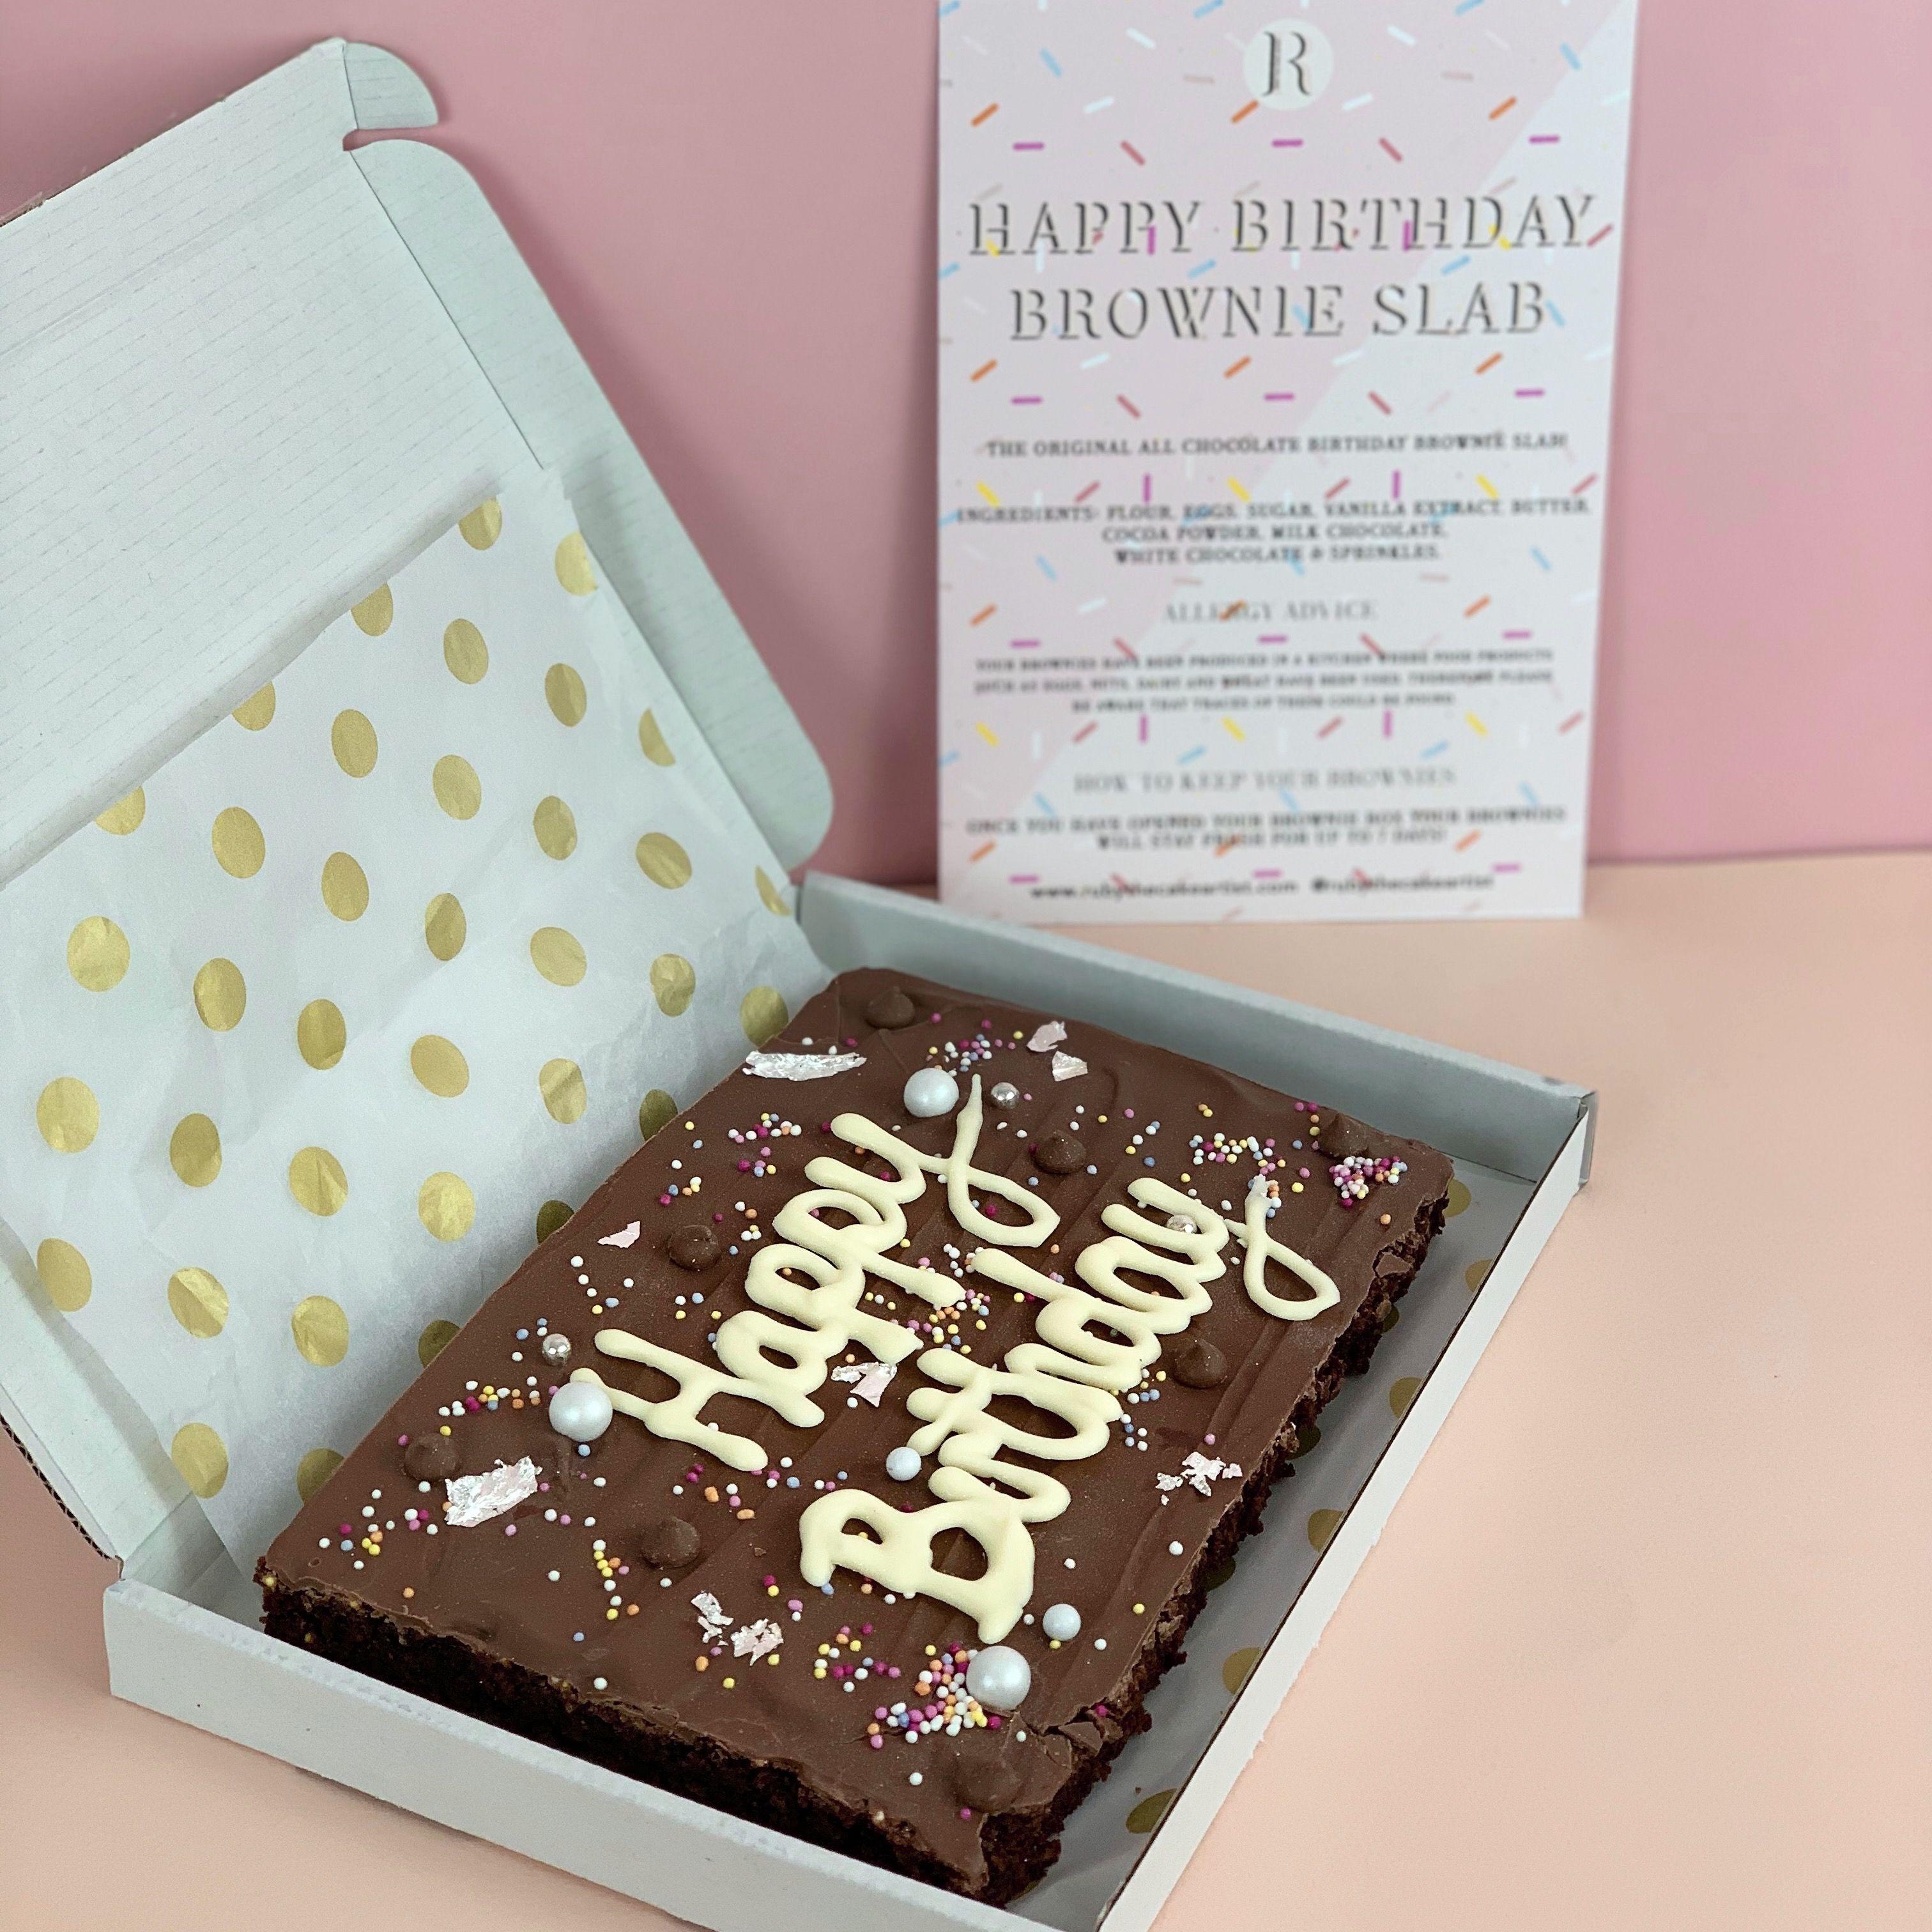 Happy Birthday Personalised letterbox Brownie Slab — Ruby The Cake Artist   Birthday brownies, Birthday cake brownies, Brownie packaging